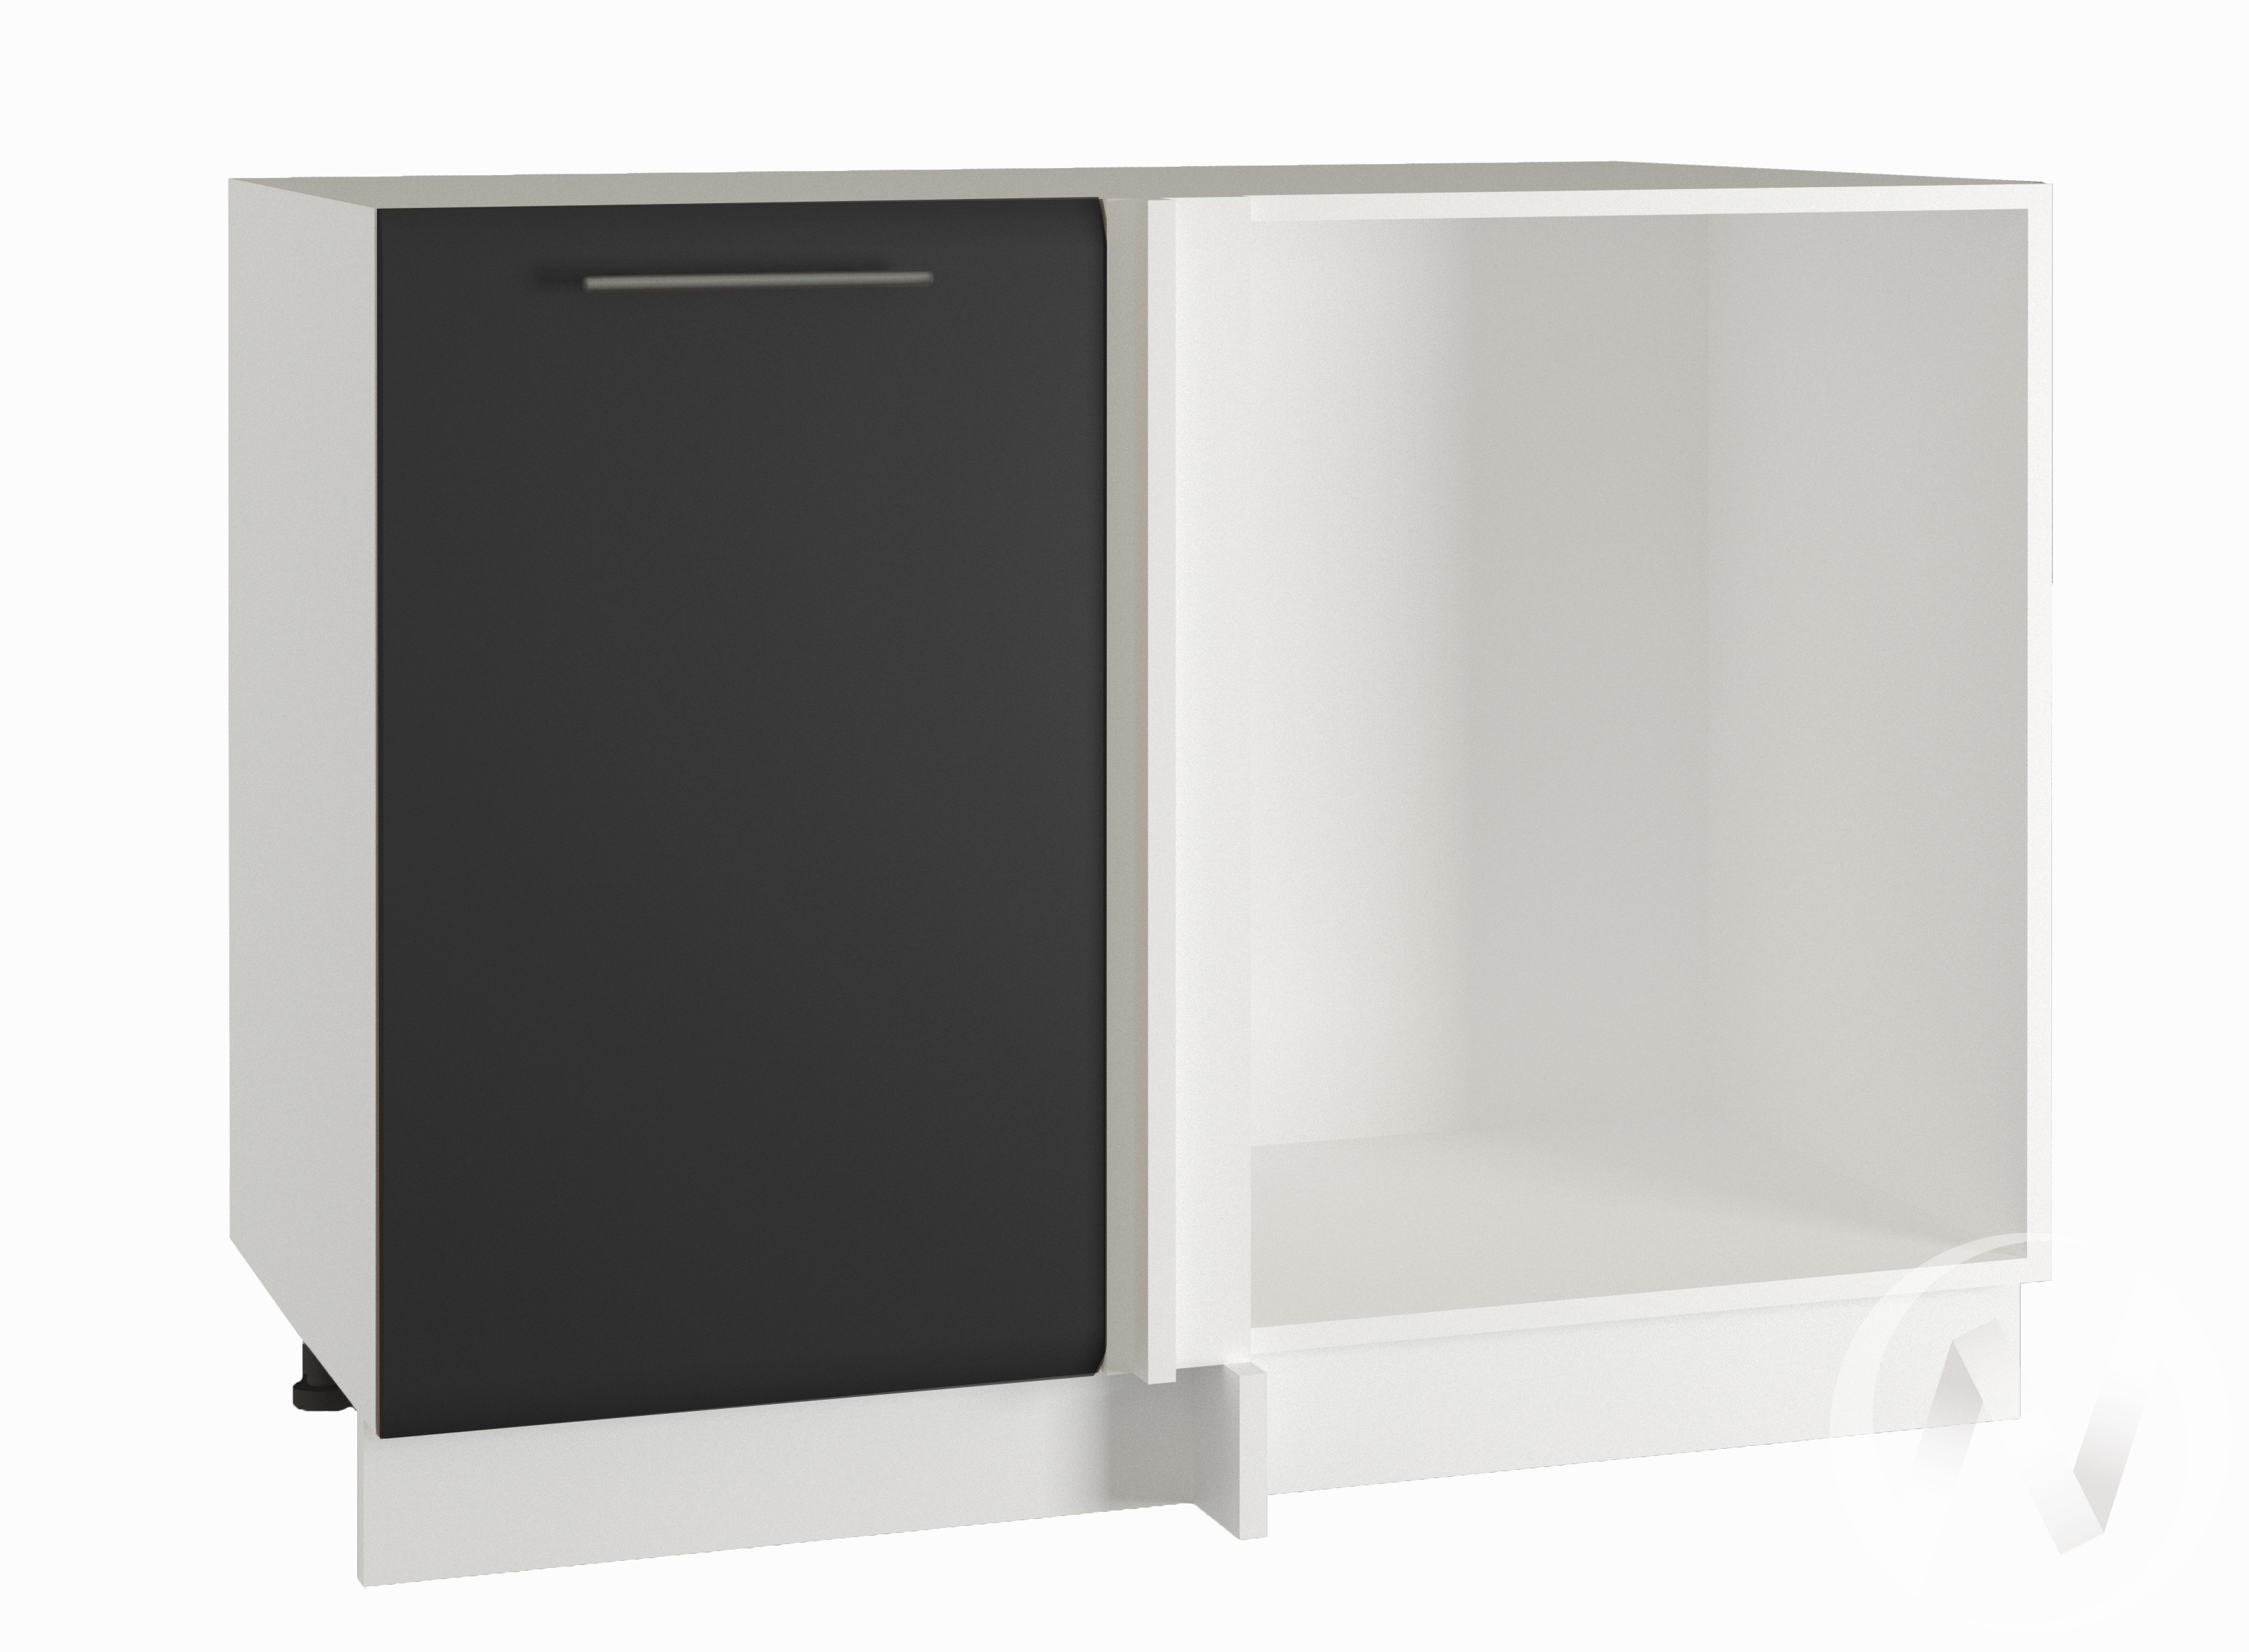 """Кухня """"Люкс"""": Шкаф нижний угловой 990, ШНУ 990 (Шелк венге/корпус белый)"""